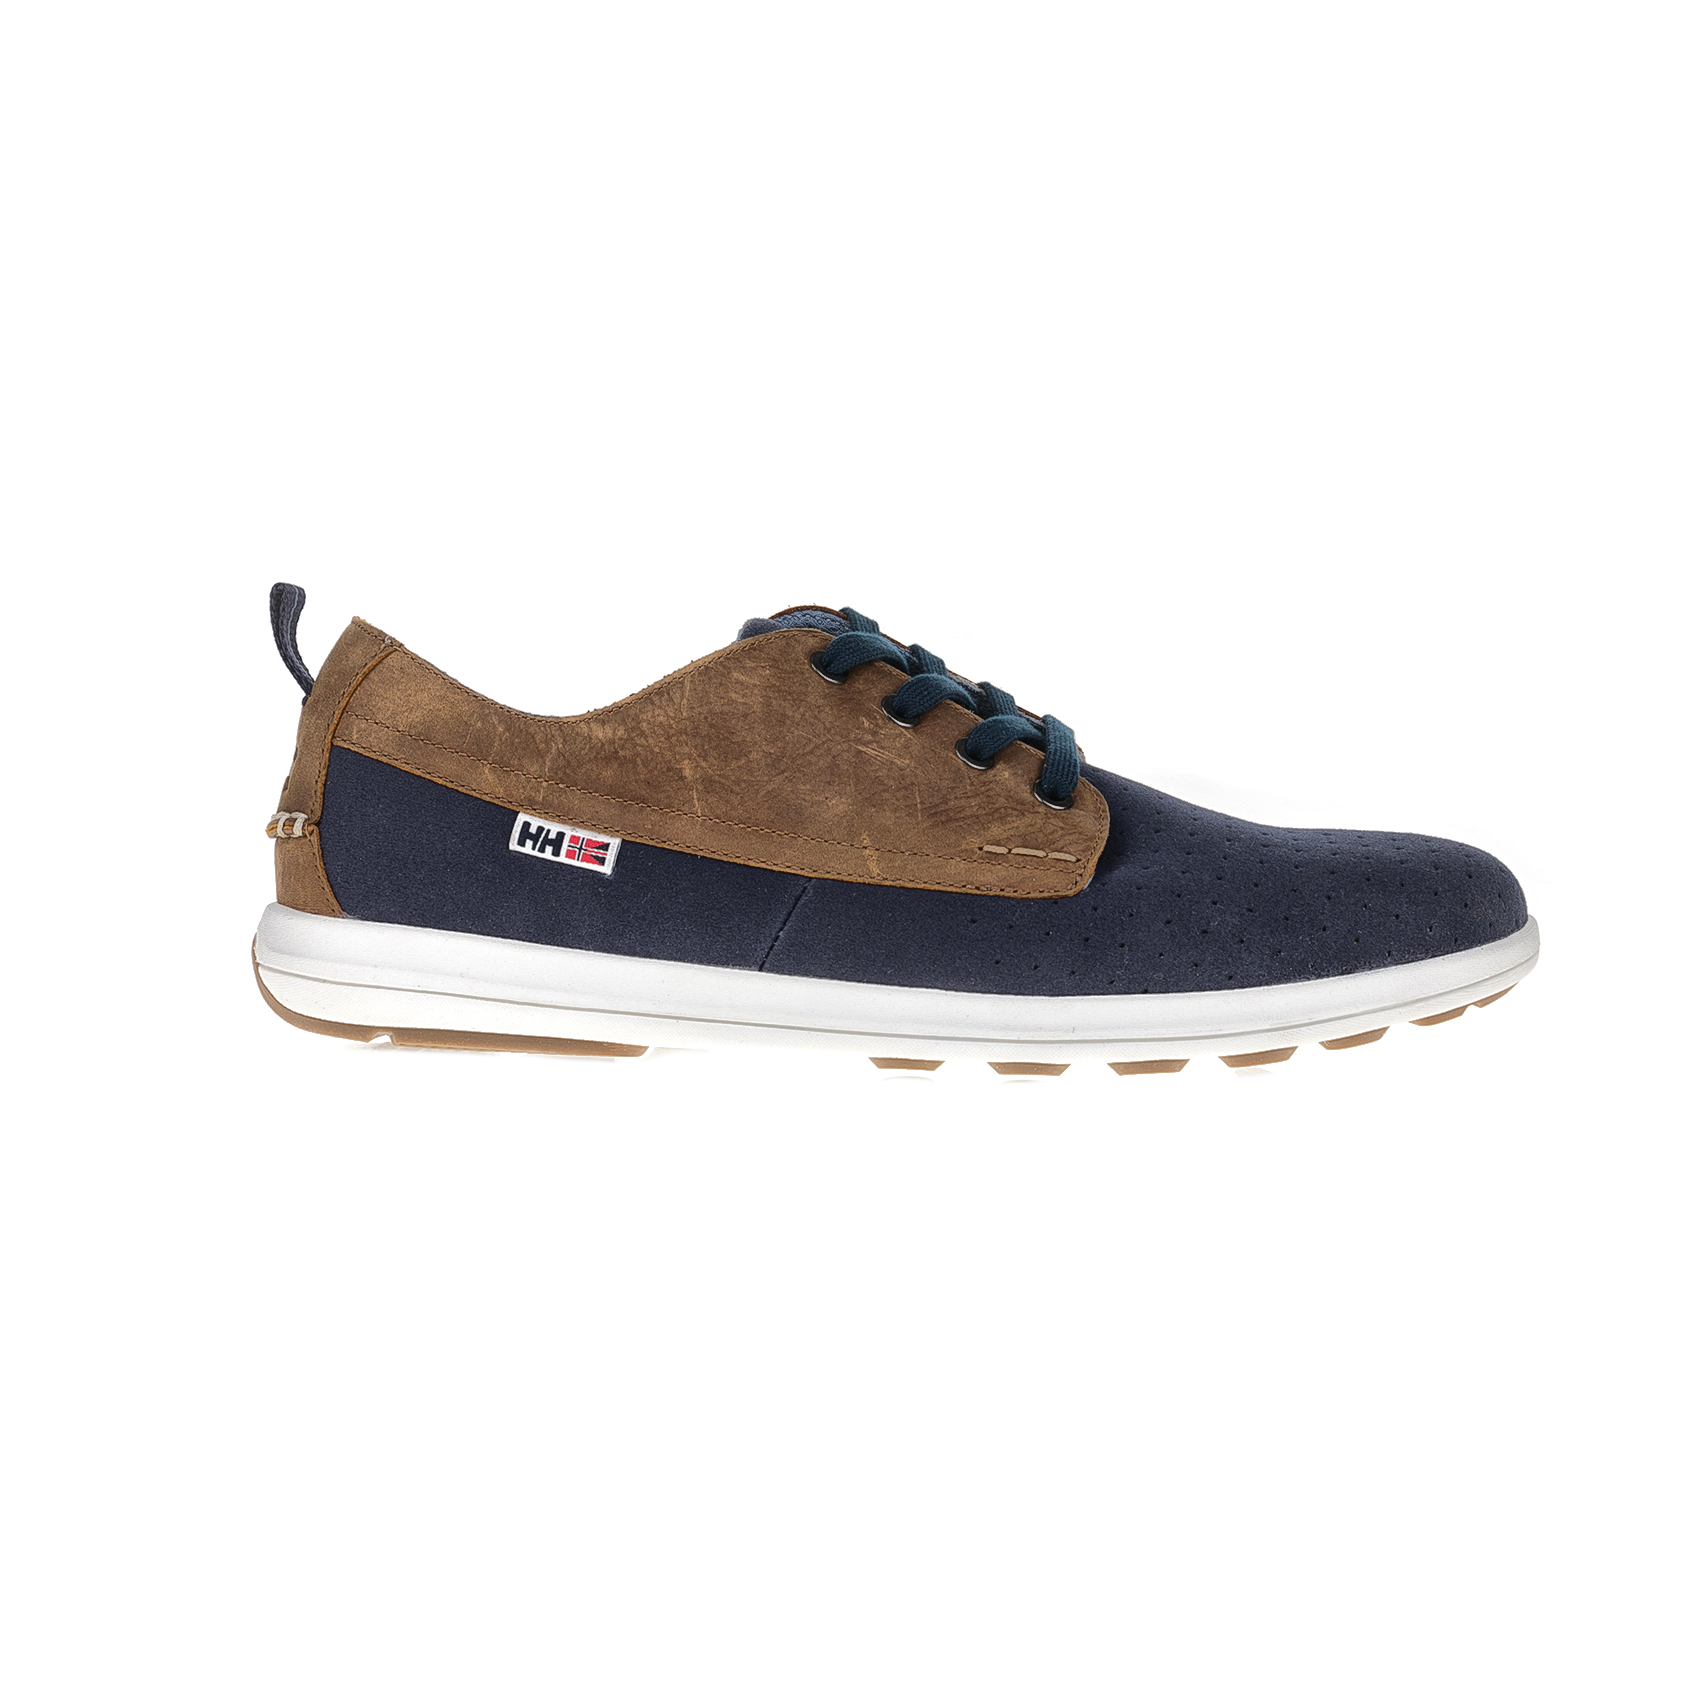 HELLY HANSEN – Ανδρικά παπούτσια HELLY HANSEN BERGSHAVEN μπλε